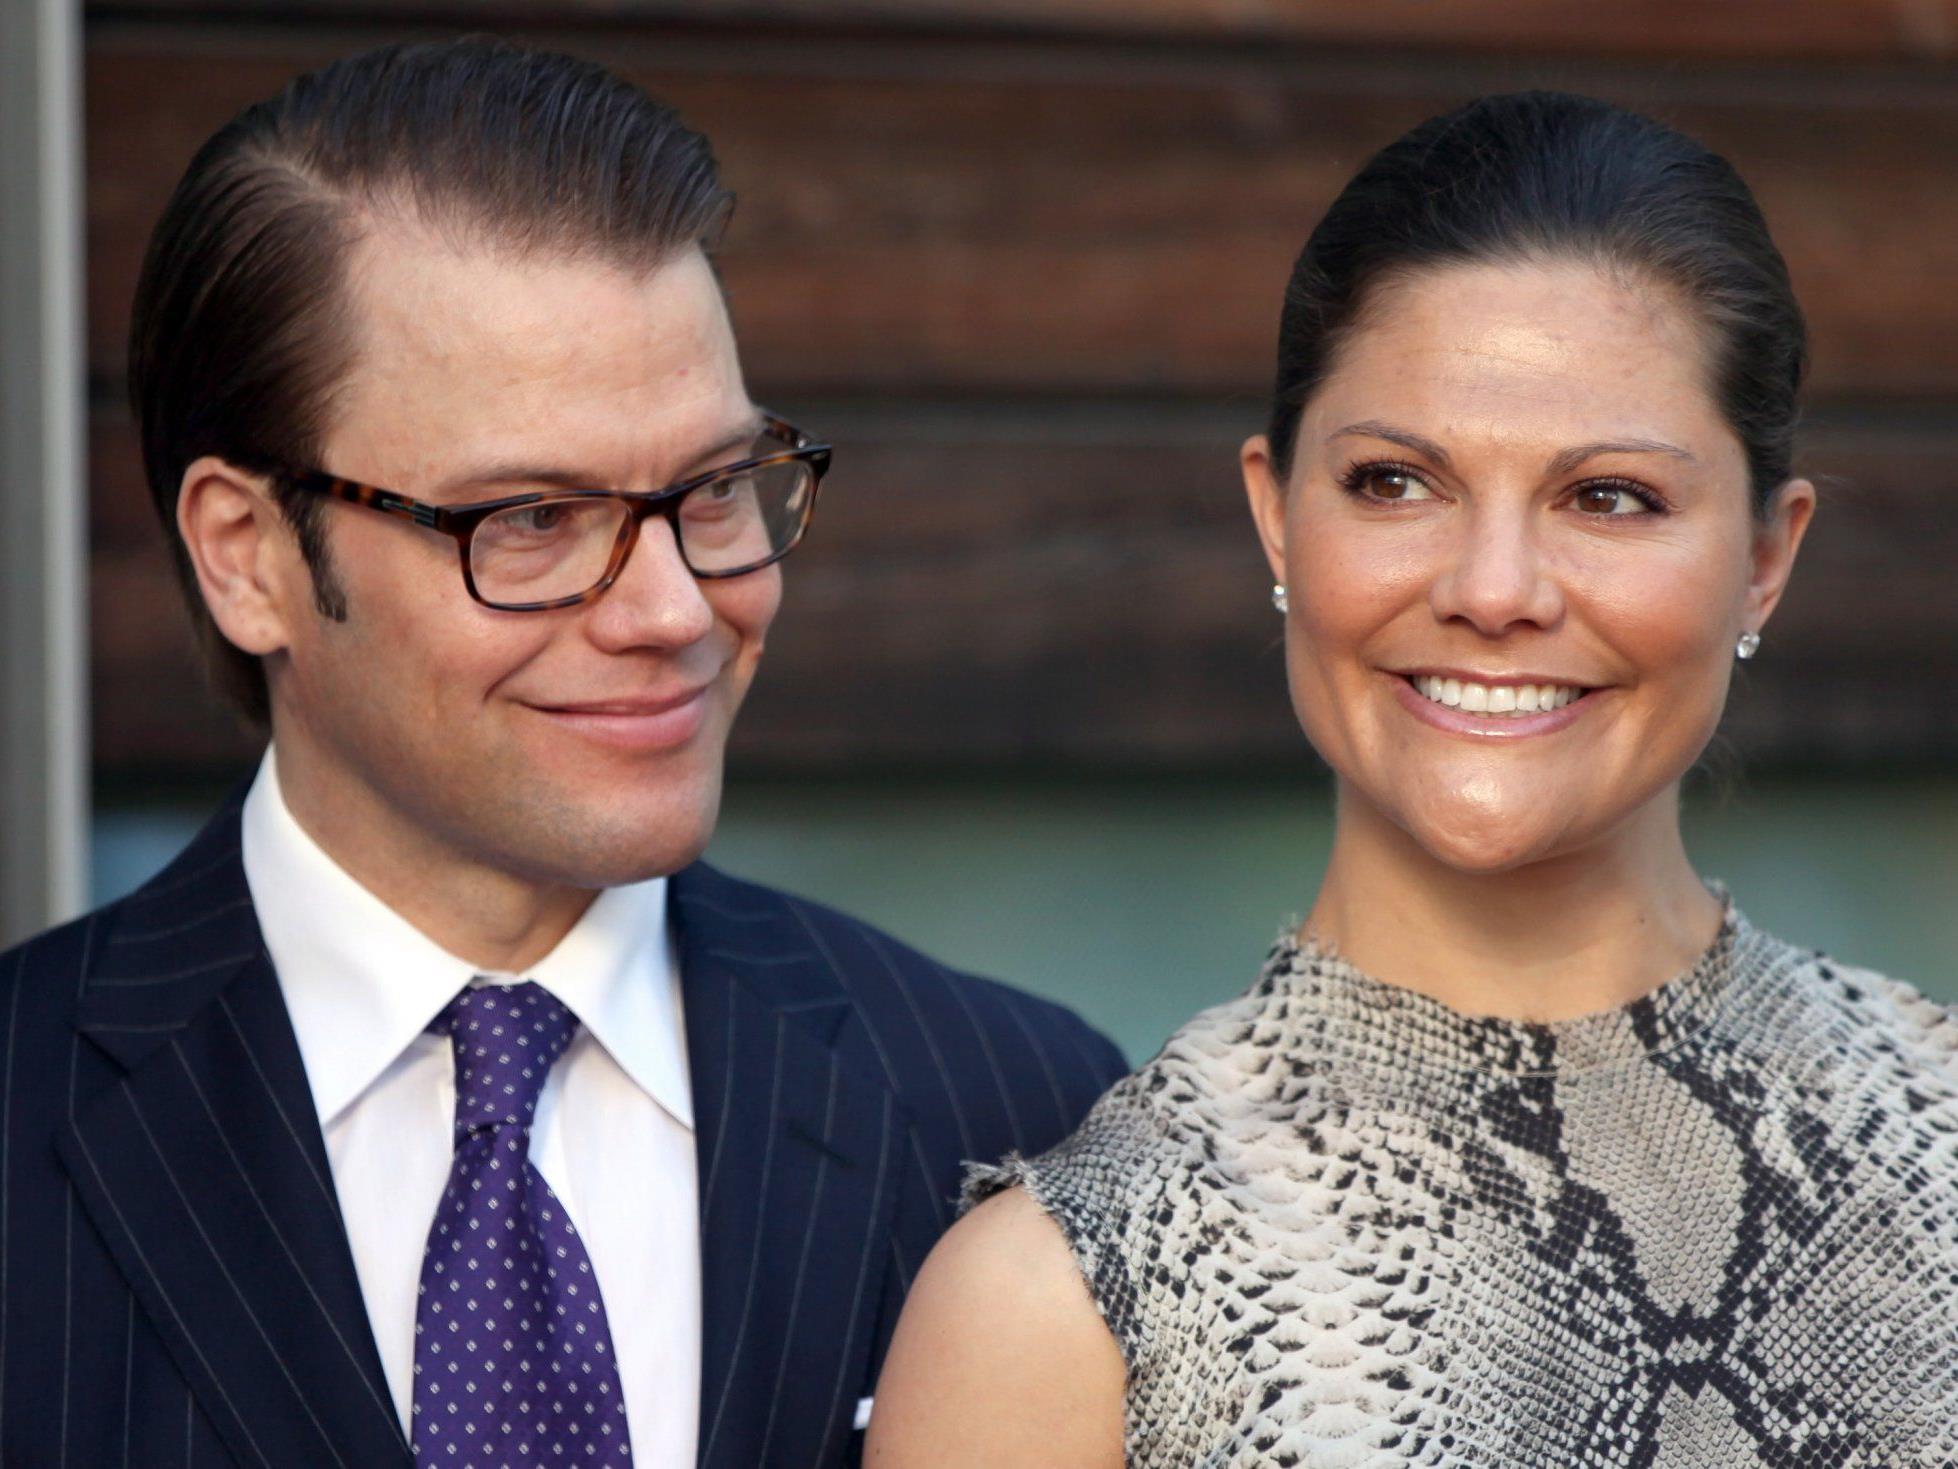 Sind seit Donnerstag stolze Eltern einer kleinen Tochter - Kronprinzessin Victoria und ihr Daniel.